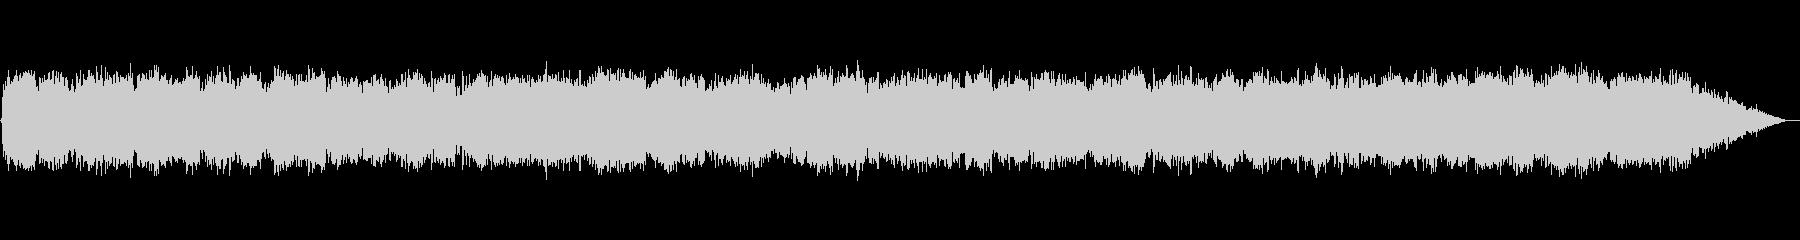 キラキラ幻想的なシンセサイザー音楽の未再生の波形